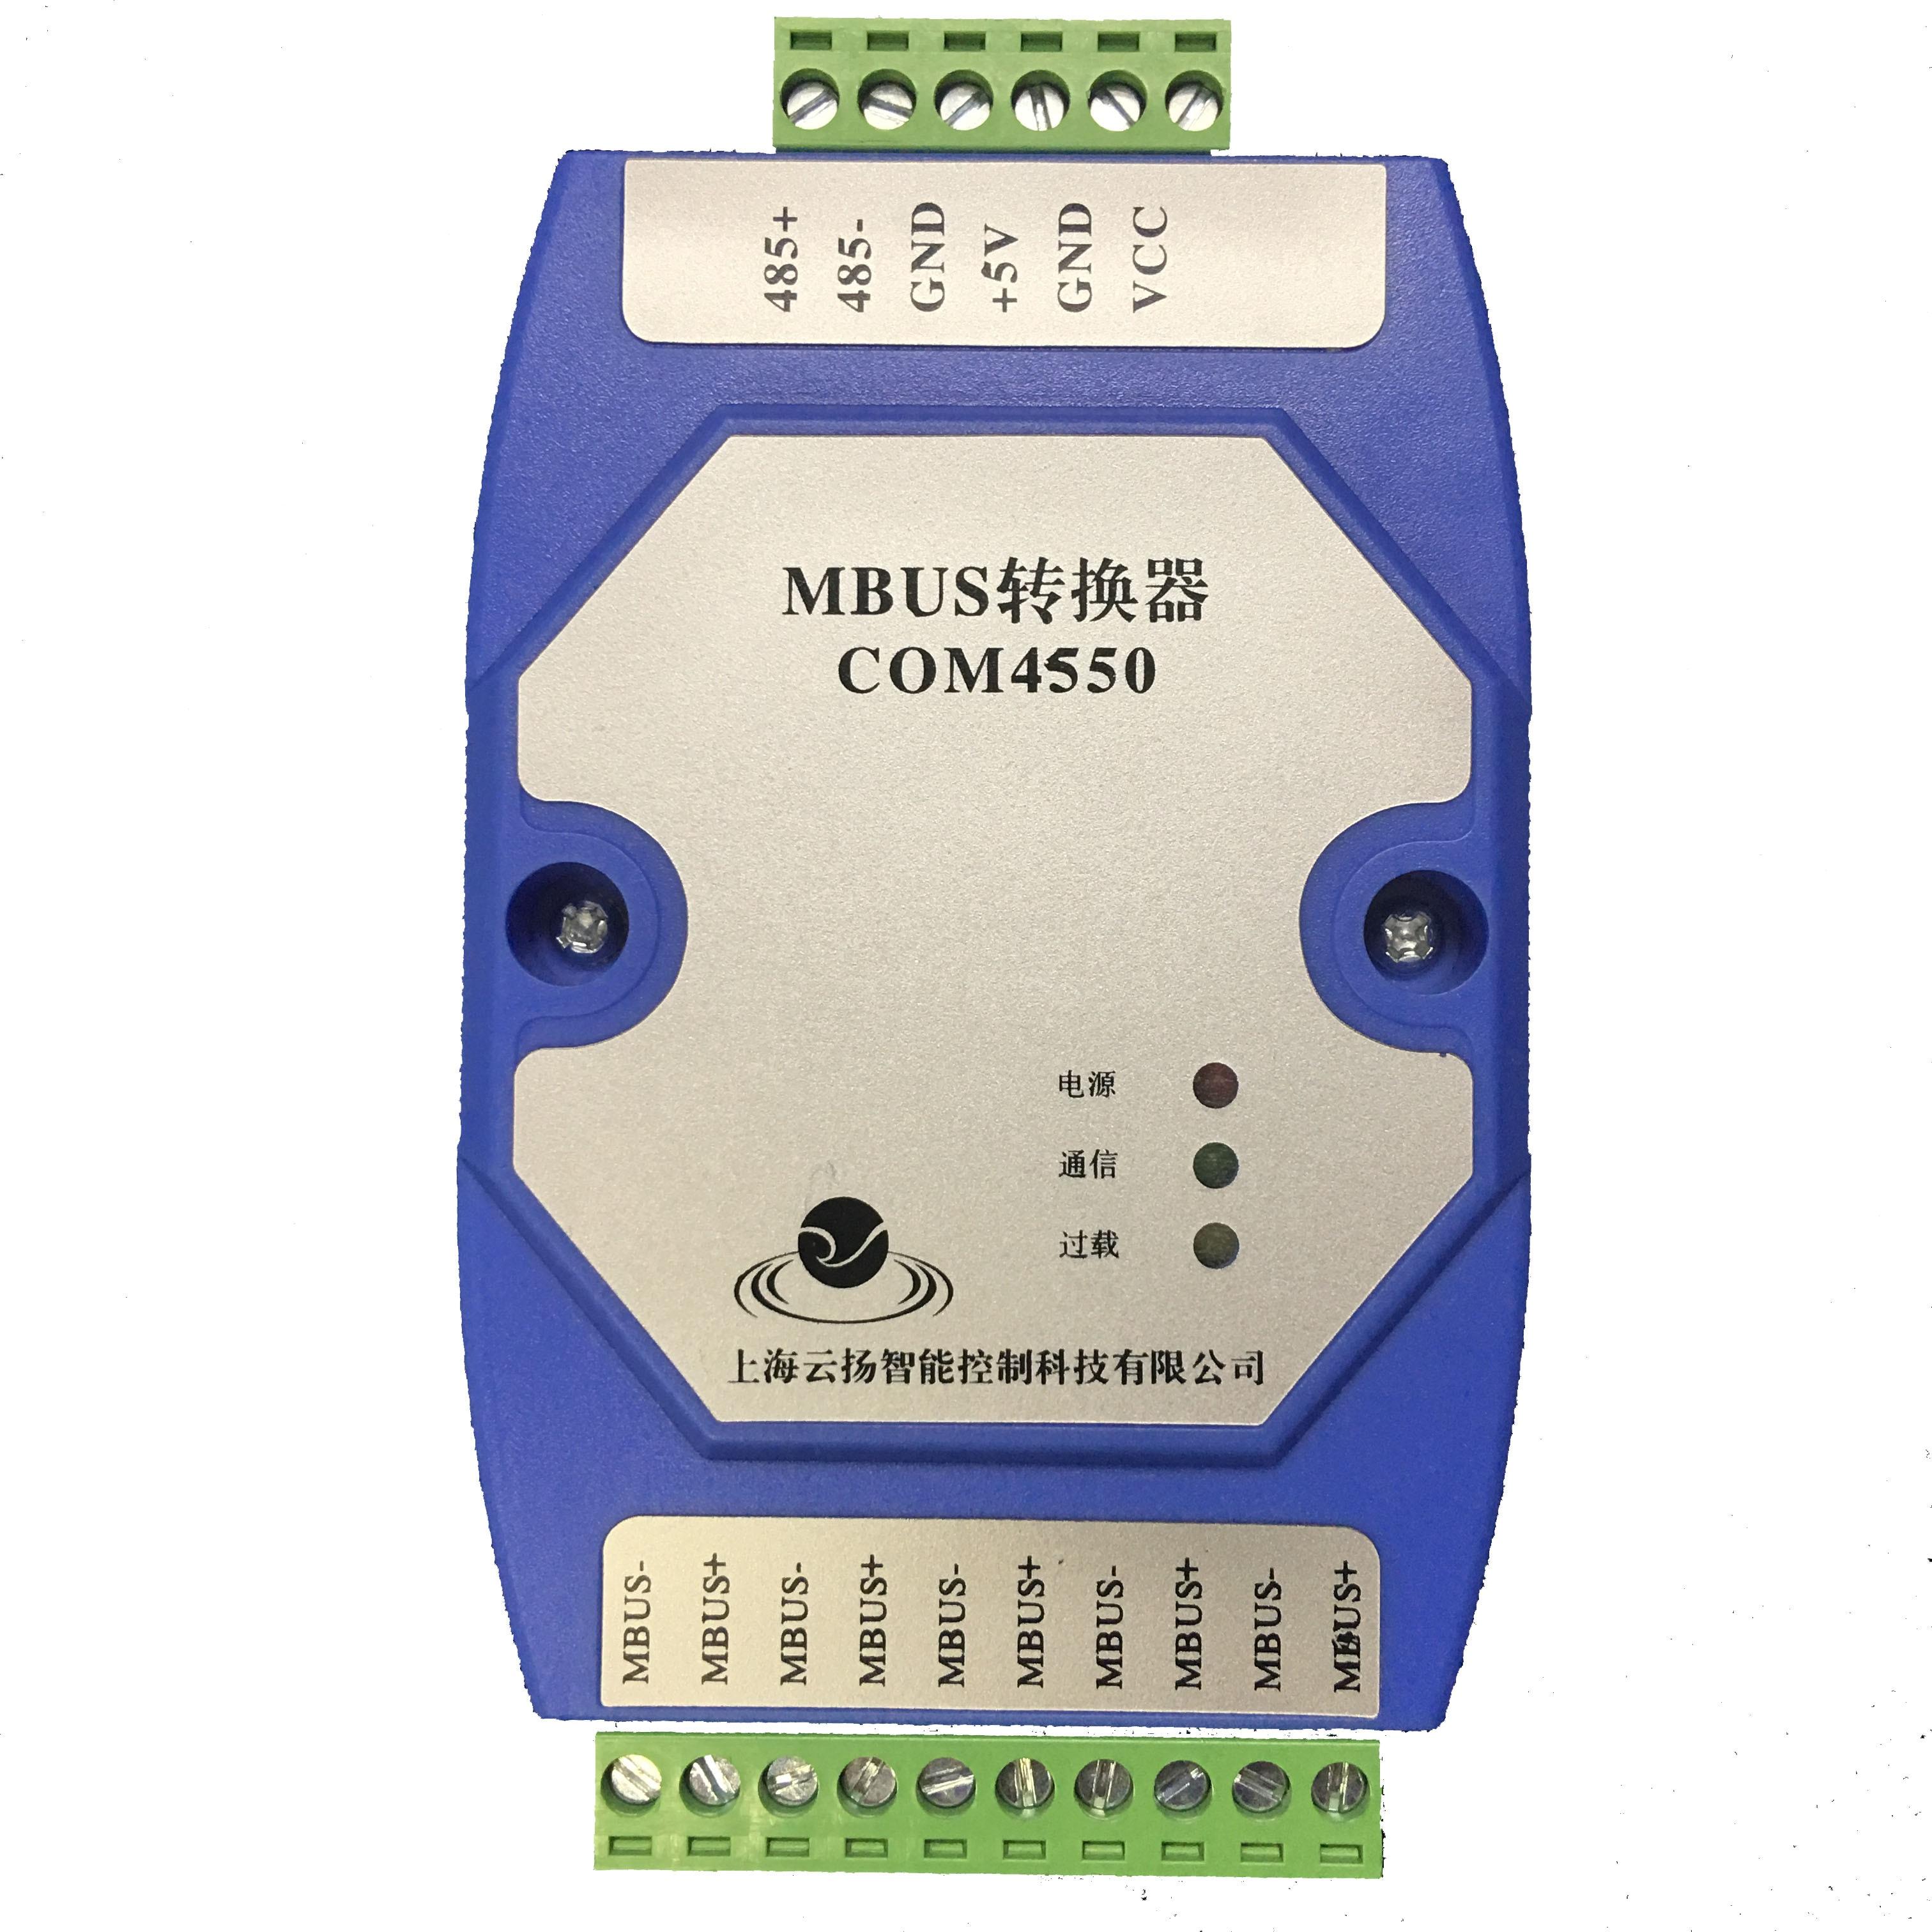 MBUS/M-BUS à RS485, RS232, concentrateur série, module de convertisseur de lecture de compteur, plus de 300 stations esclaves